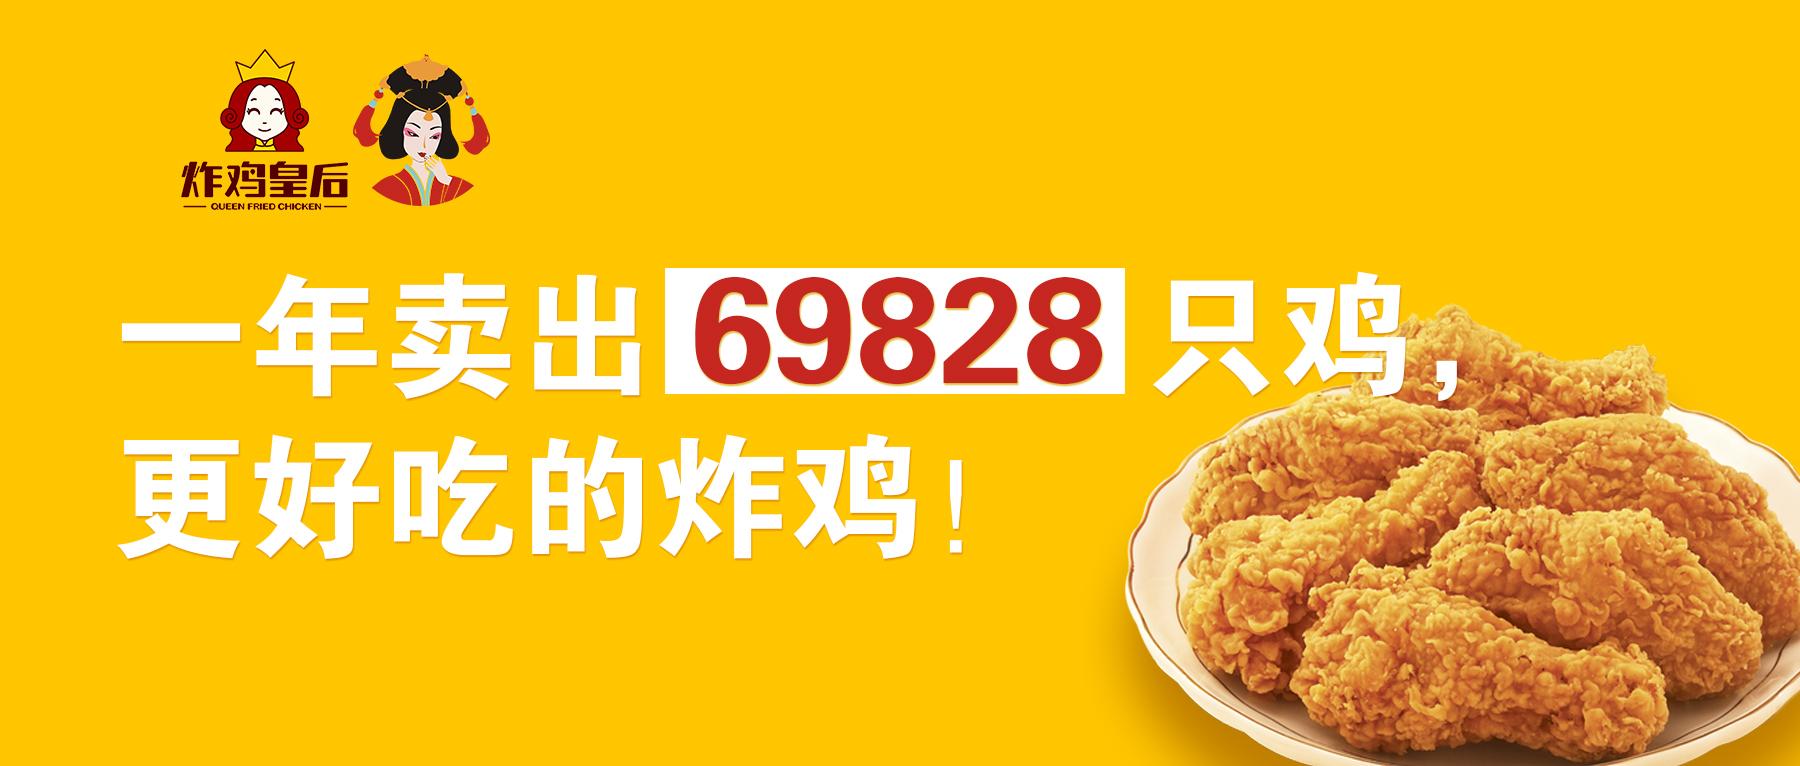 炸鸡皇后:一年卖出69828只鸡,更好吃的炸鸡!